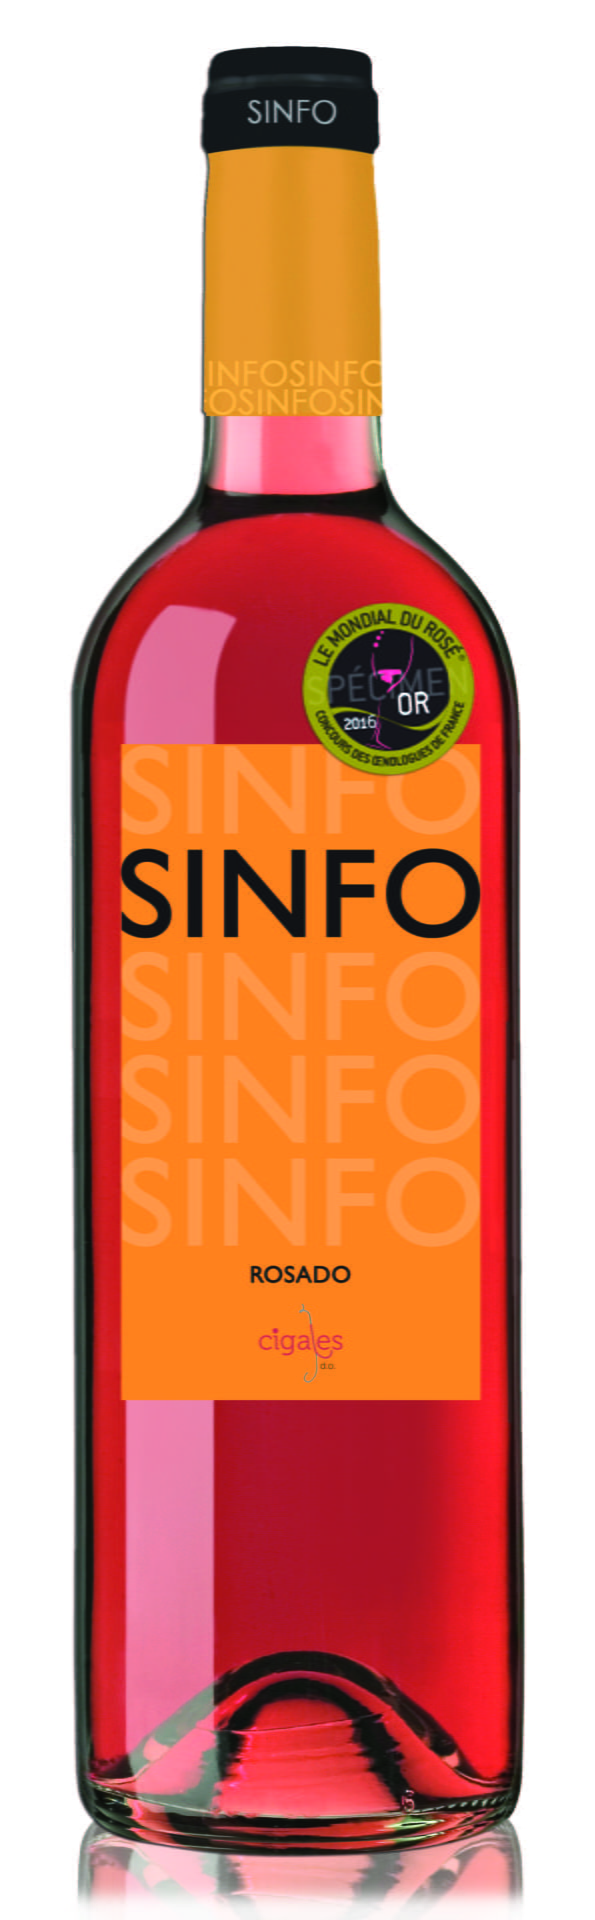 Sinforiano Cigales Rosé Spanje